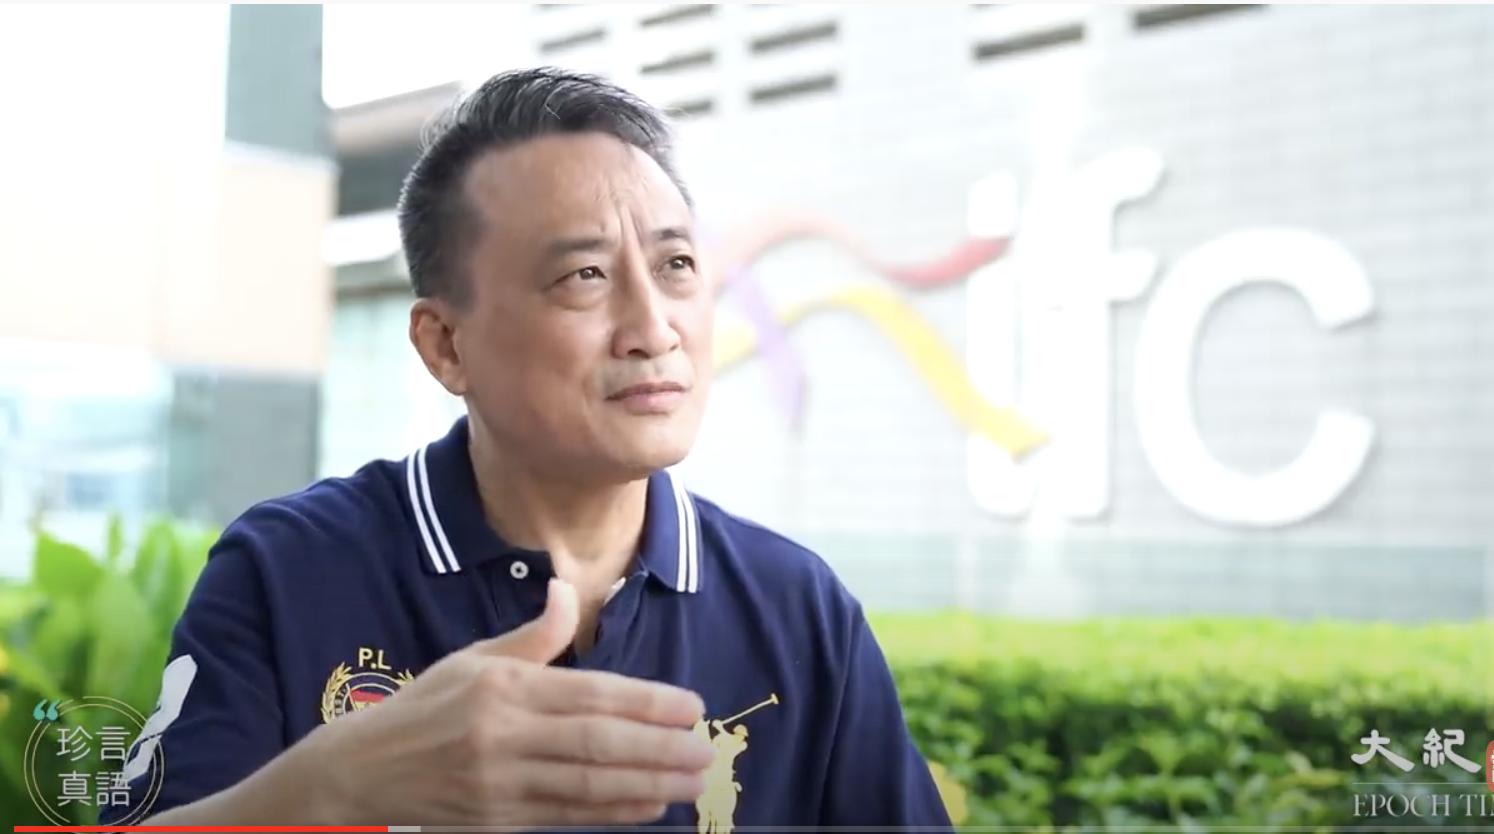 香港資深銀行家、時事評論員吳明德教授。(影片截圖)